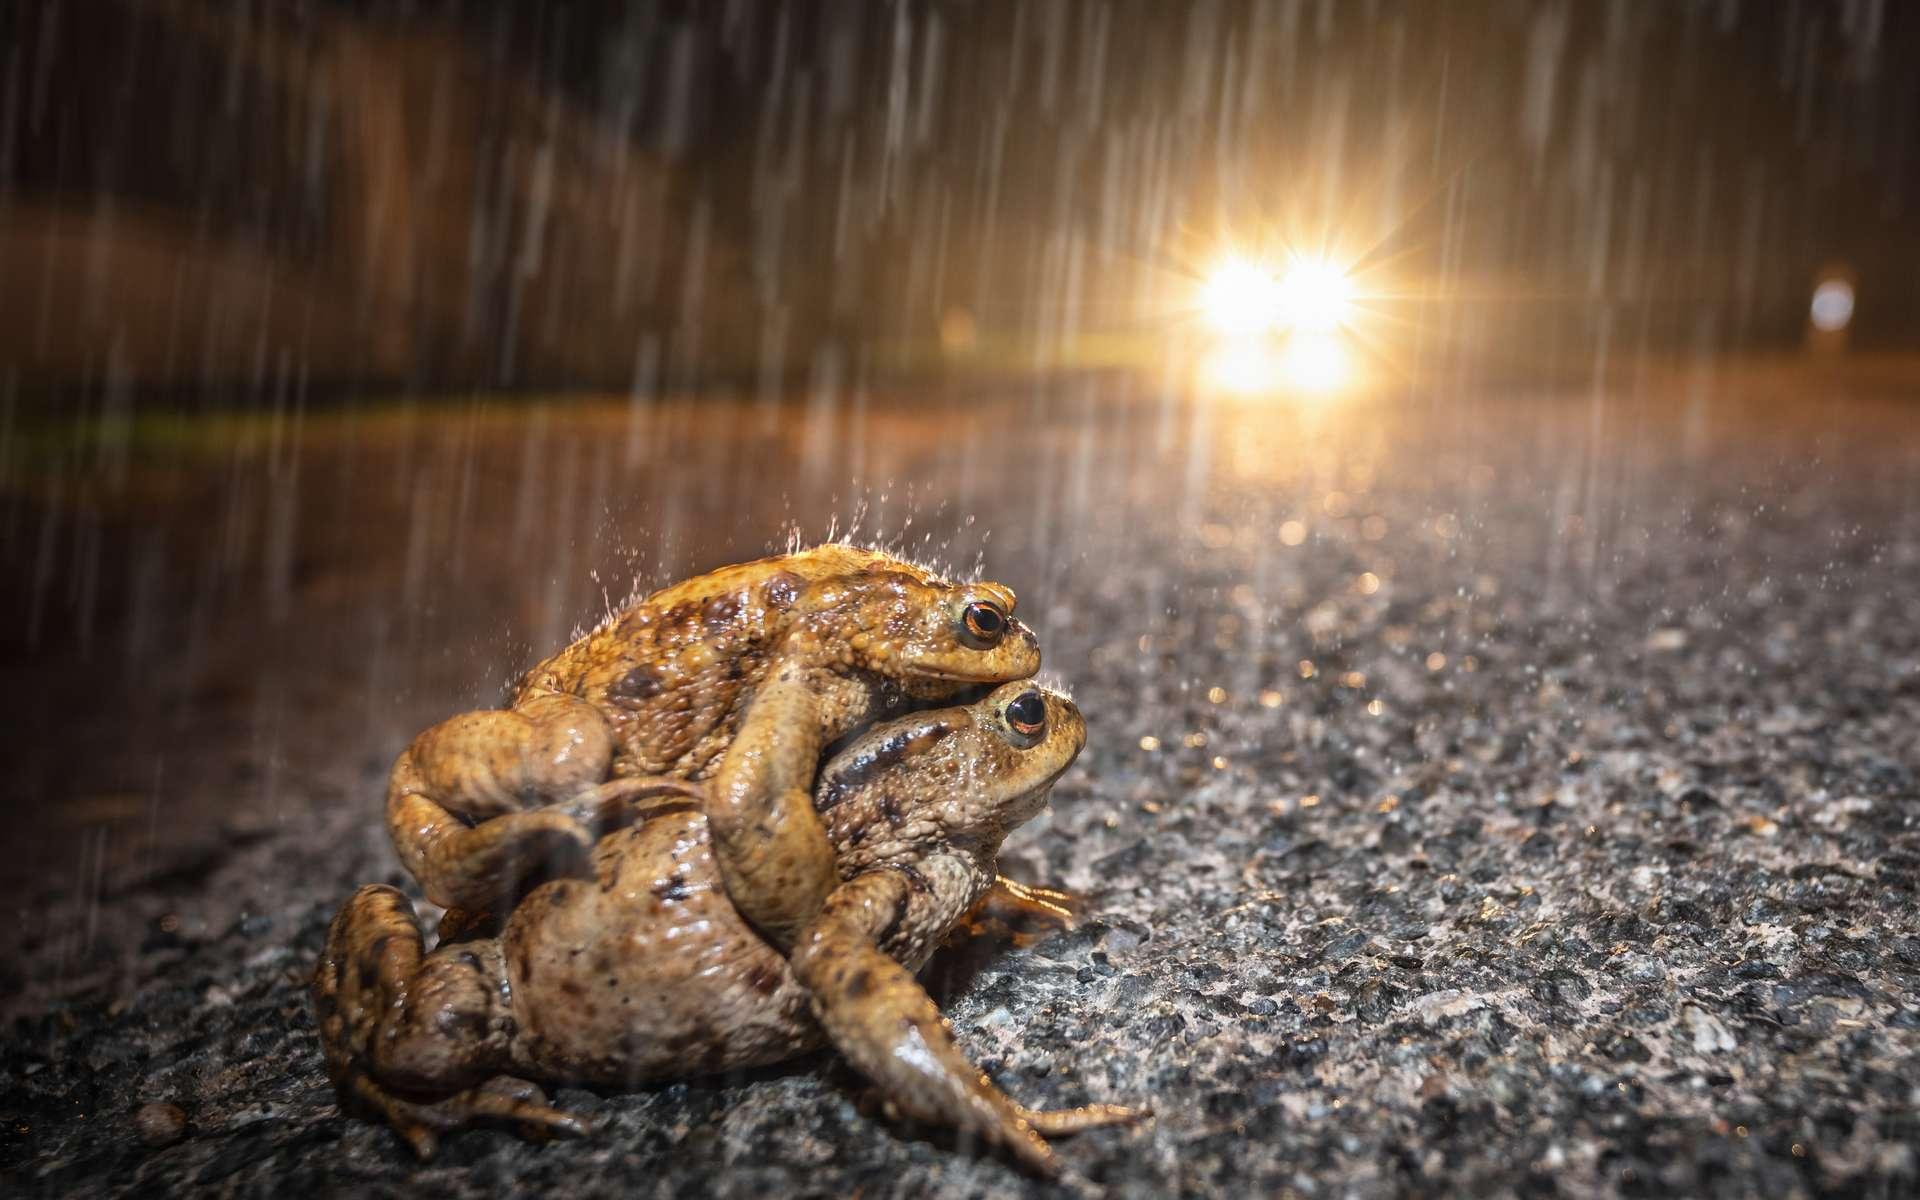 Chaque année, plus de 200 millions d'animaux sont tués sur les routes d'Europe. © Jean Kobben, Adobe Stock